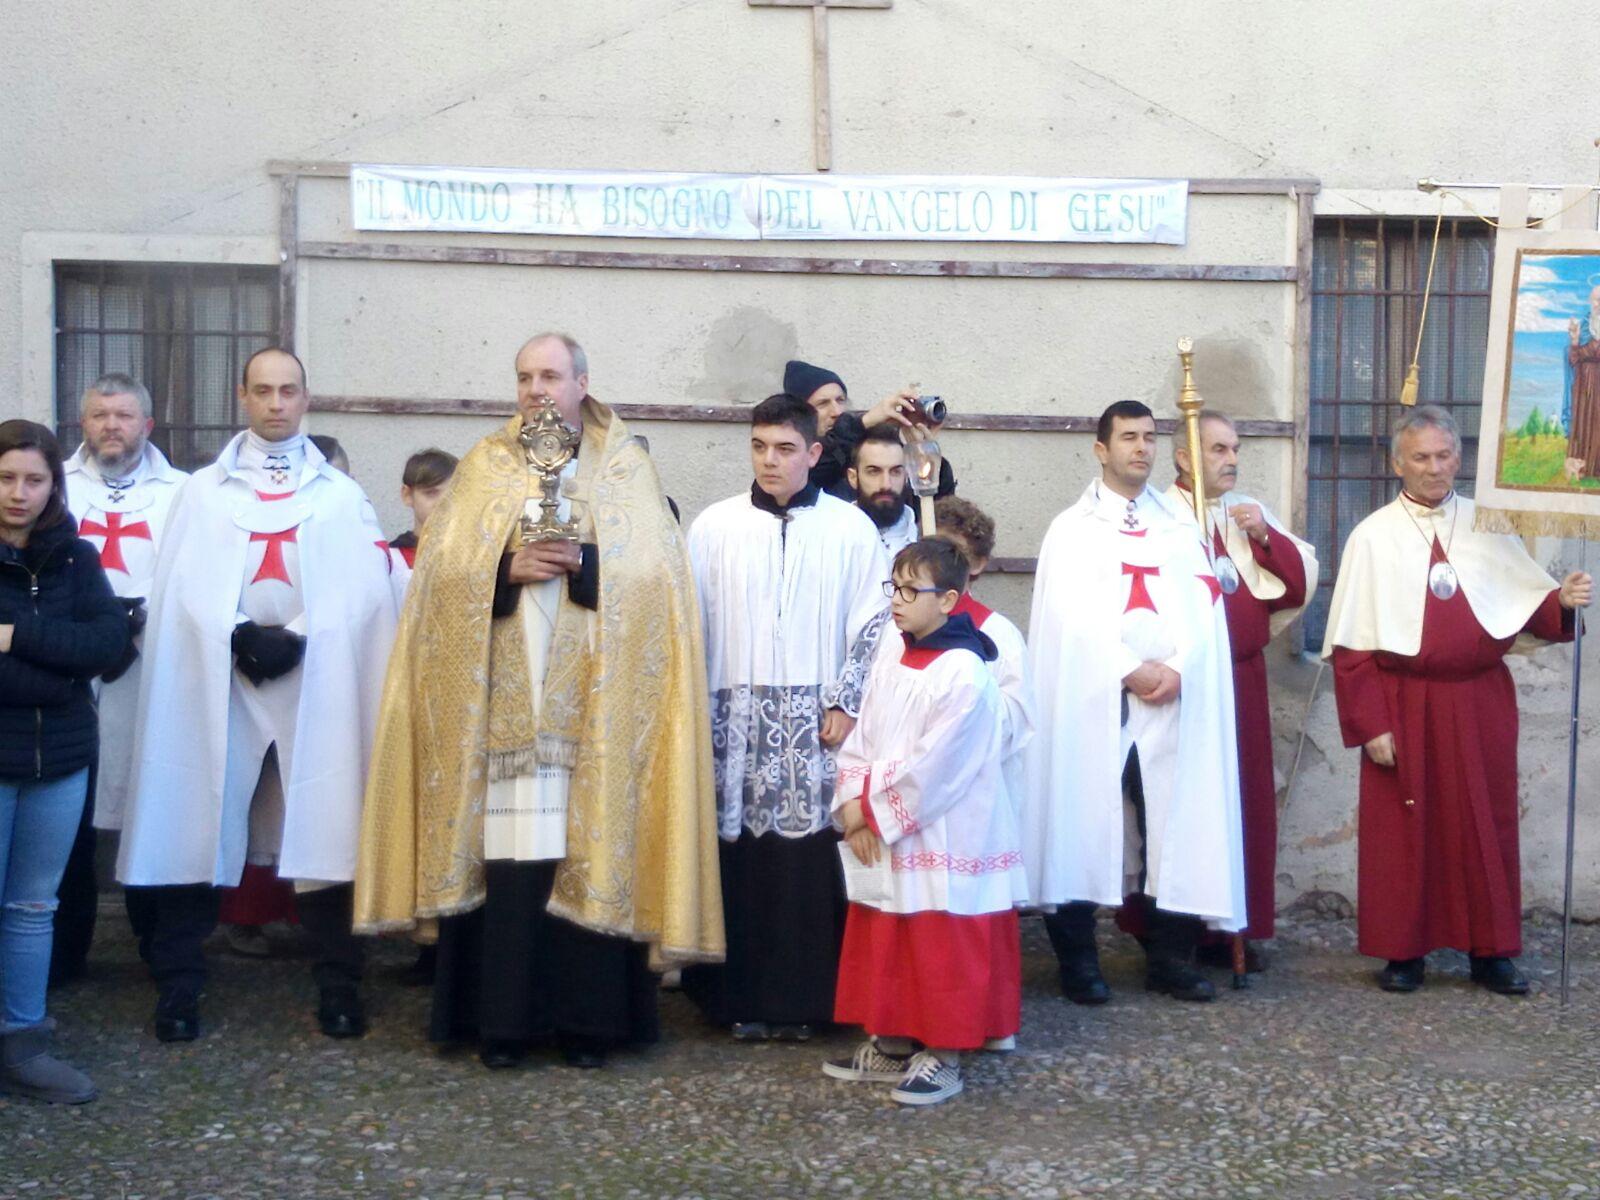 templari castelcovati processione s.antonio abate